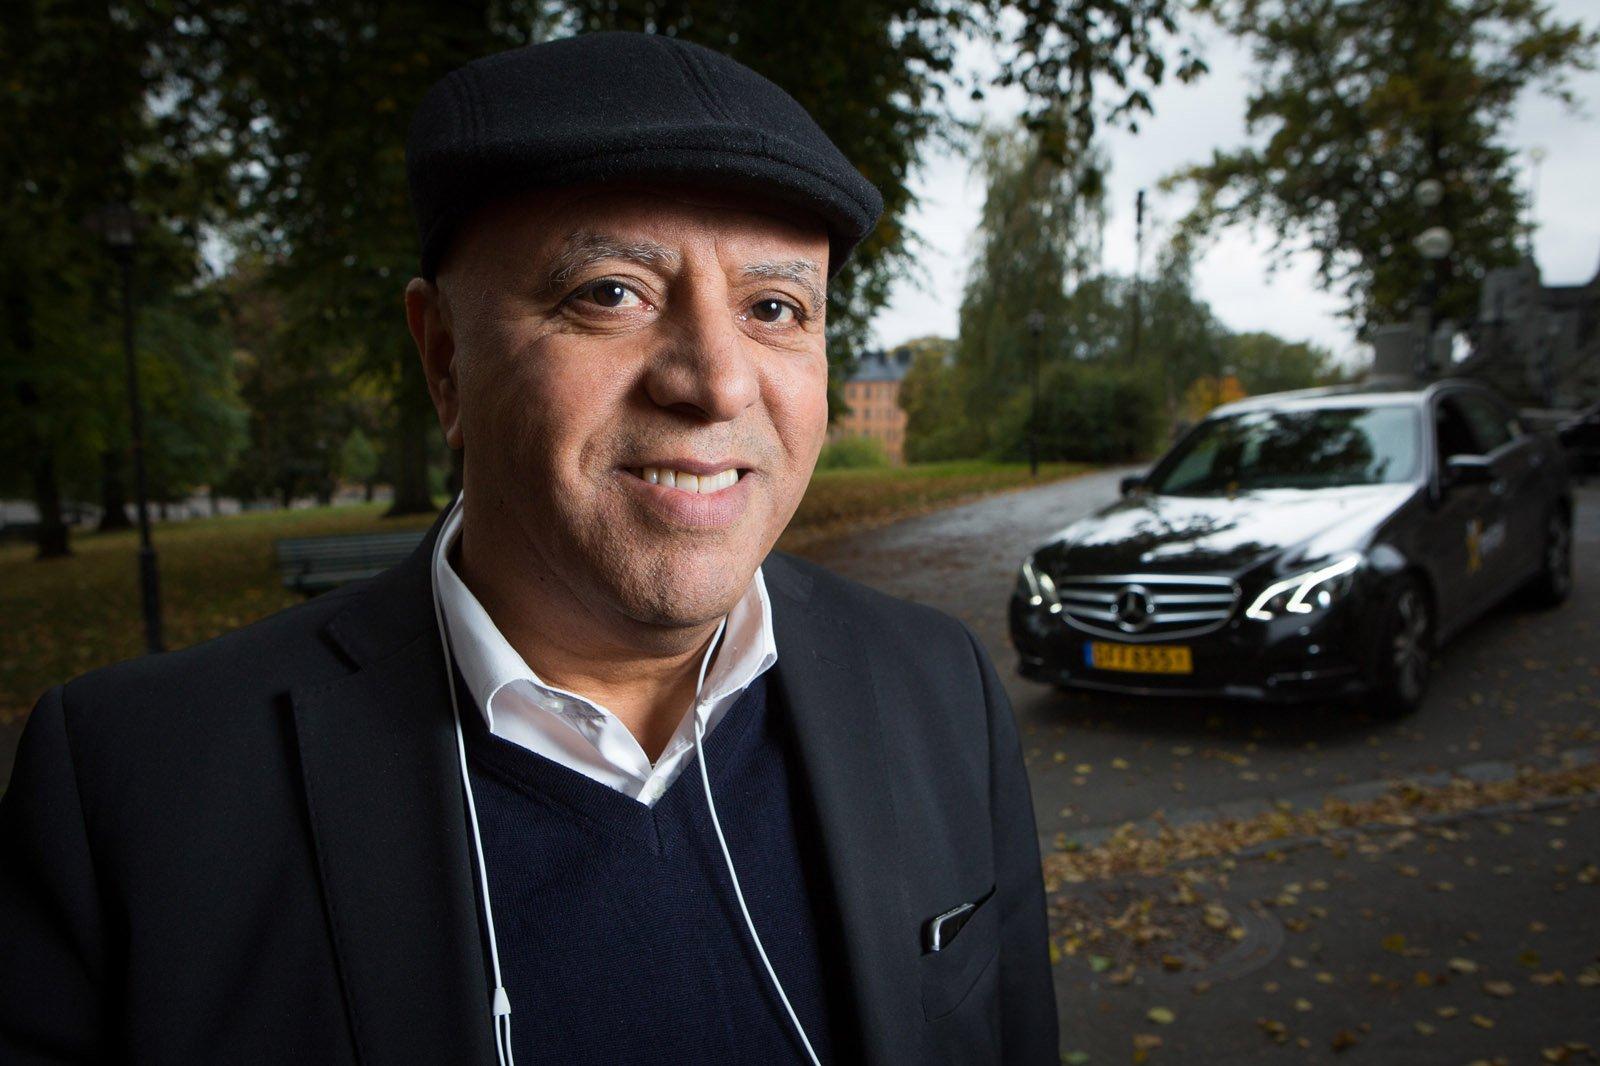 Mondher Riahi är en av chaufförerna som arbetar för mytaxi i Stockholm.